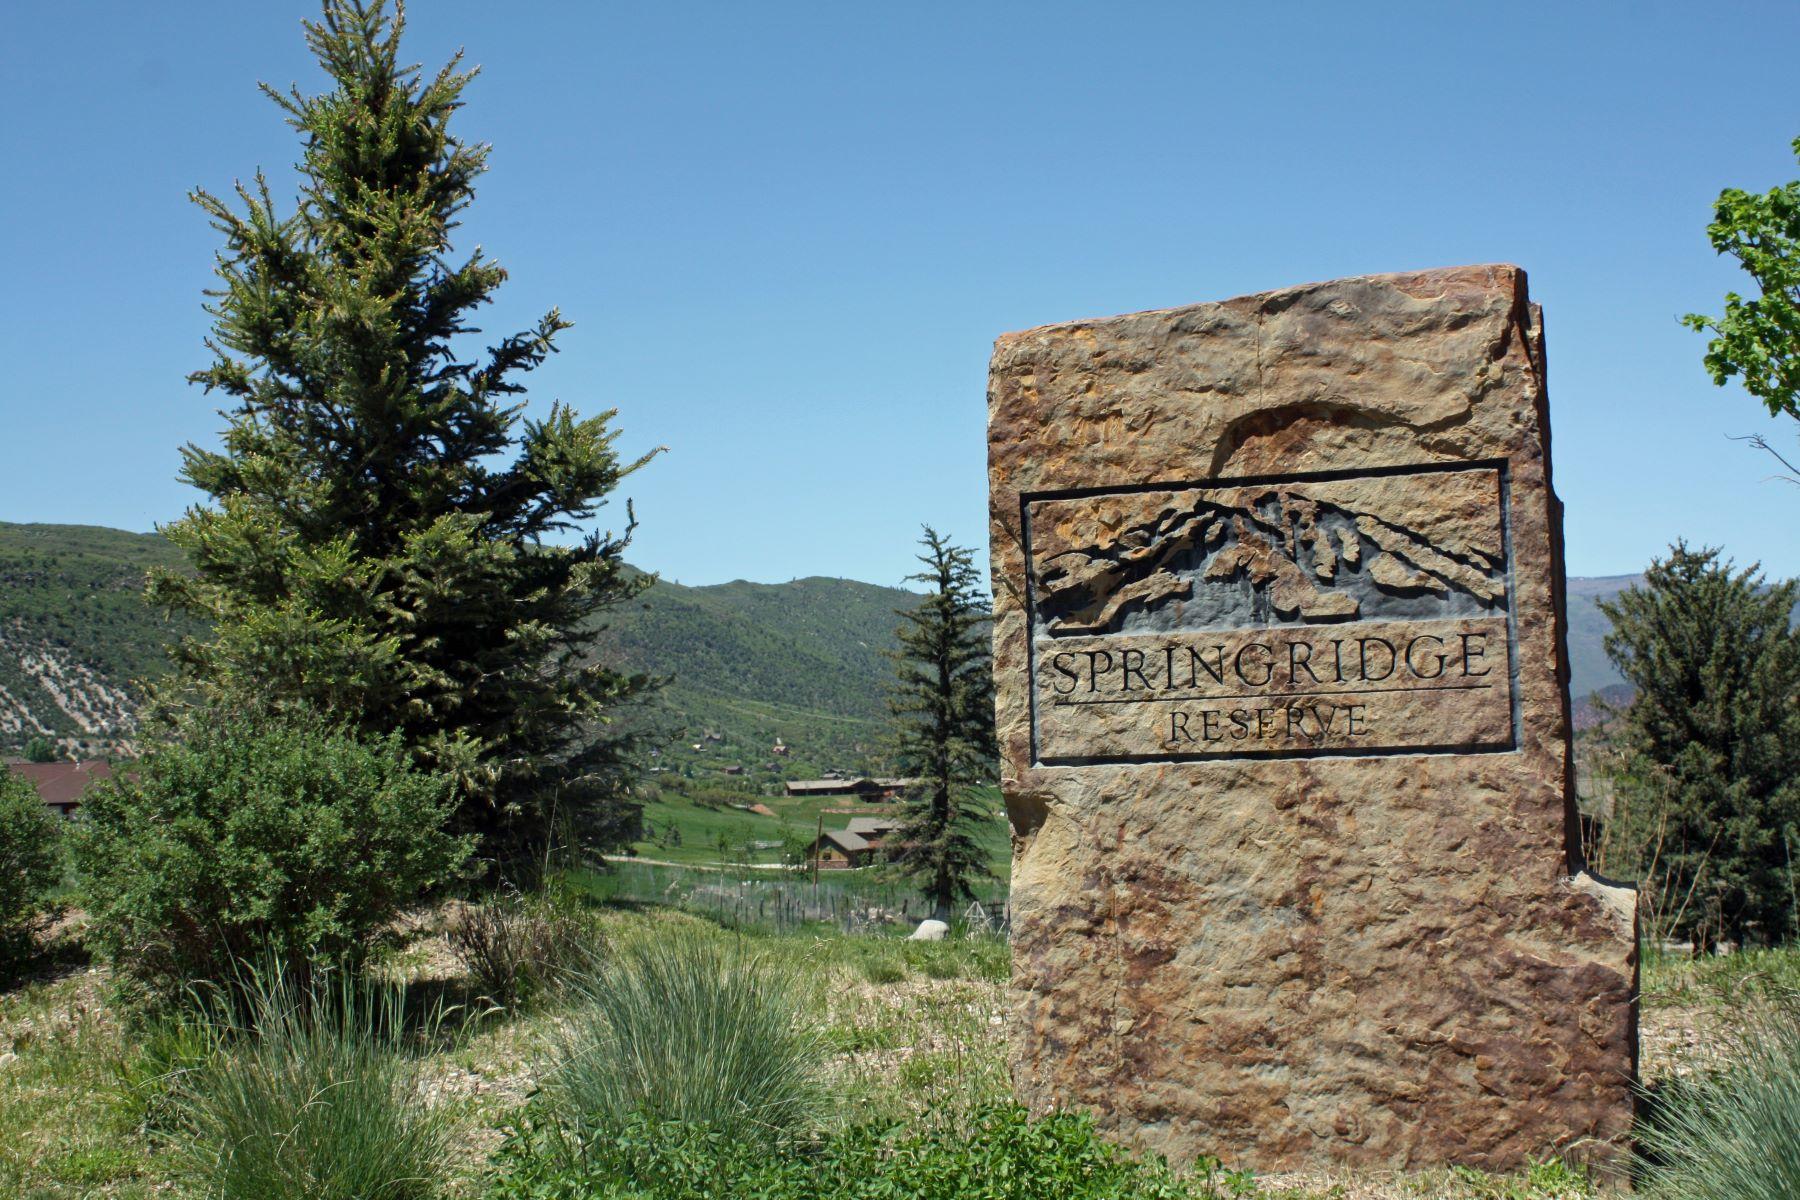 Land for Sale at Springridge Reserve Lot 44 1284 Hidden Valley Drive Glenwood Springs, Colorado 81601 United States